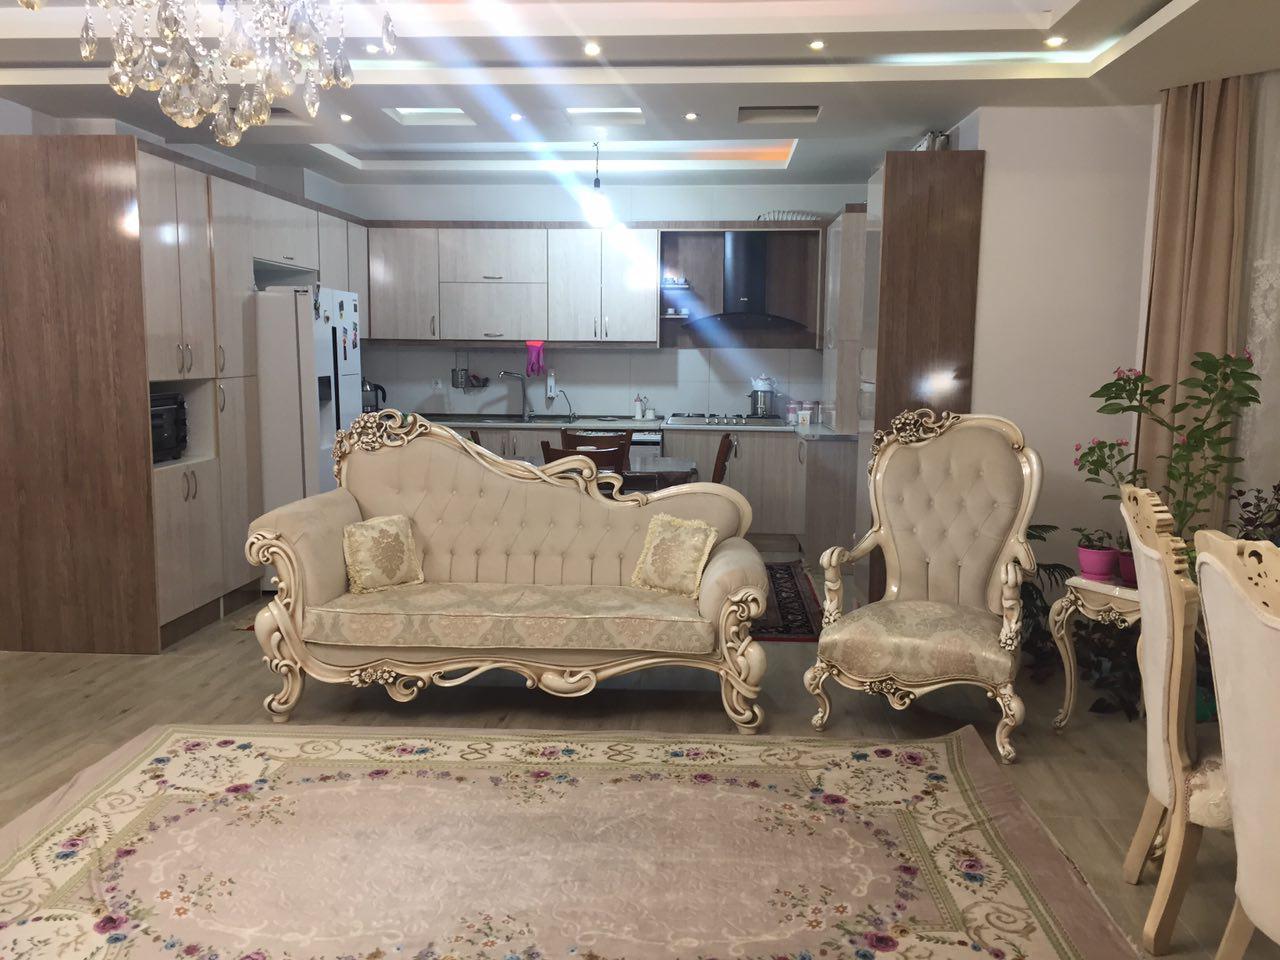 فروش طبقه سوم از آپارتمان 6 طبقه در ایستگاه سرعین